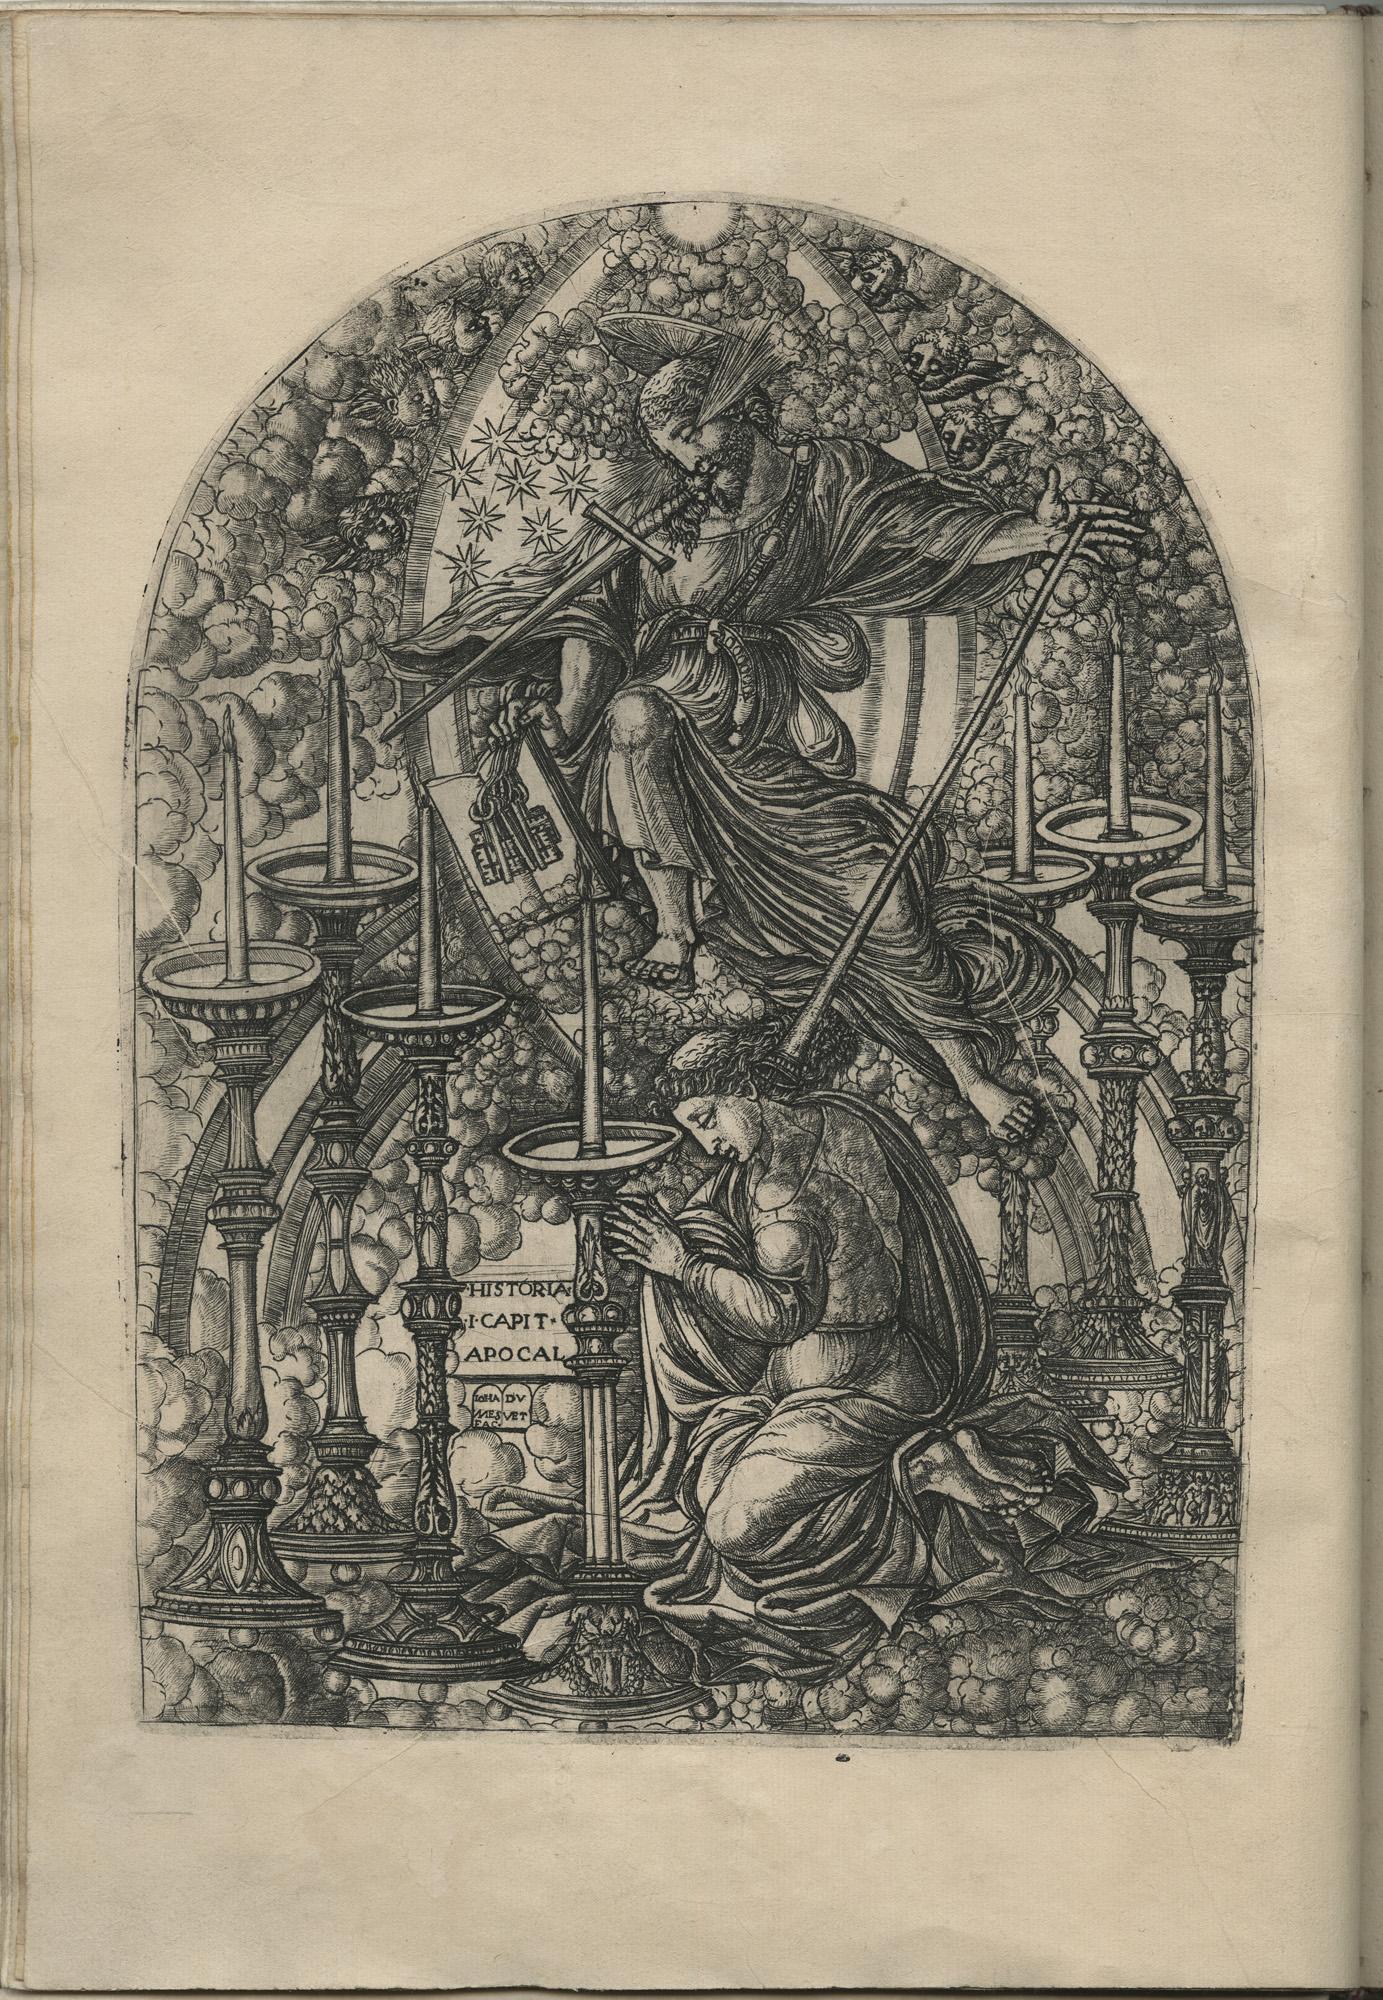 Jean Duvet, 2, Saint Jean en l'isle de Patmos…, 1546-1556, burin, 30,1x21,4. Musées de Langres, photographie de Valérie Auclair.